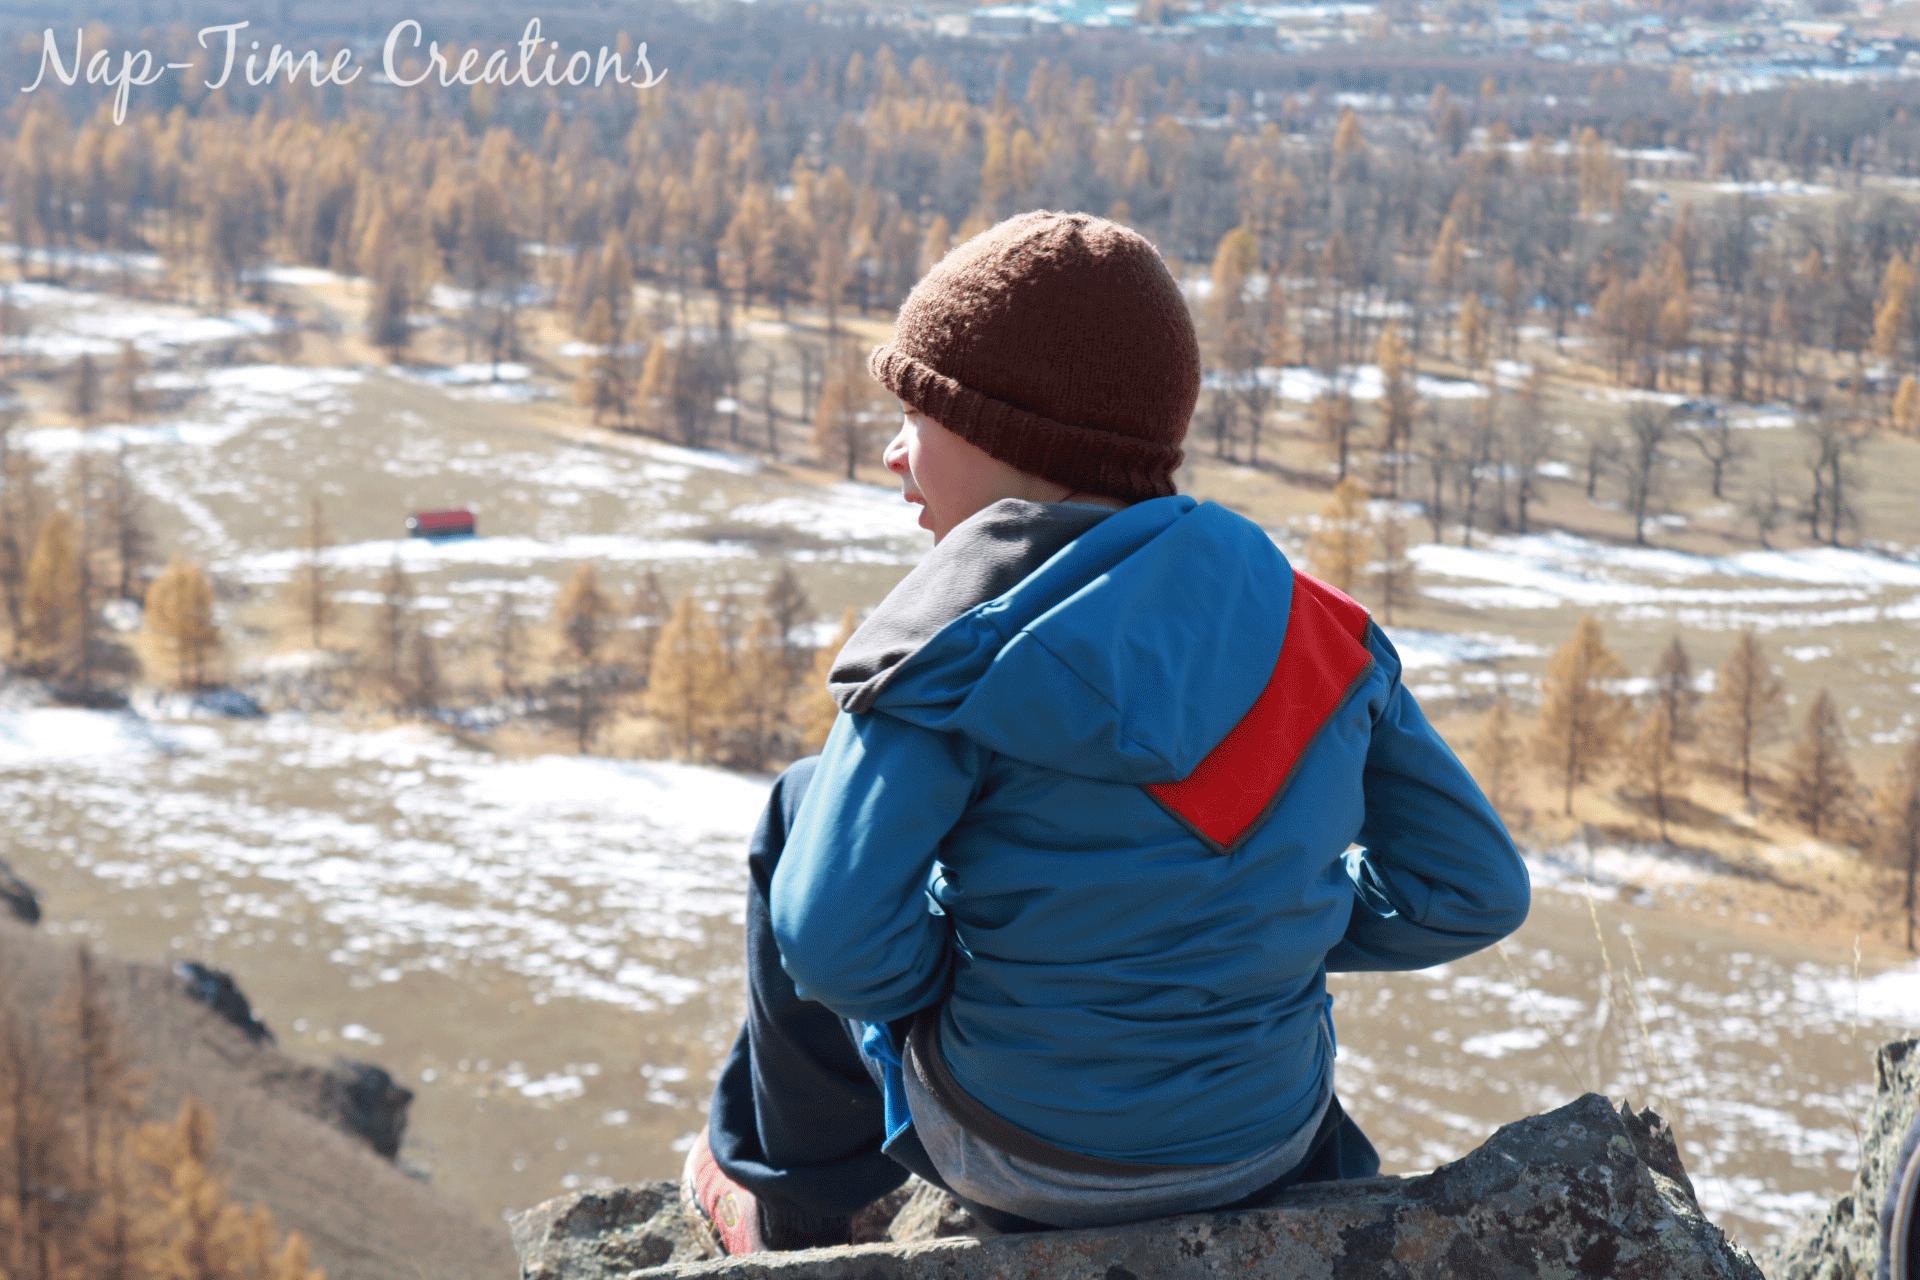 kids-winter-fall-outwear-sewing-patterns